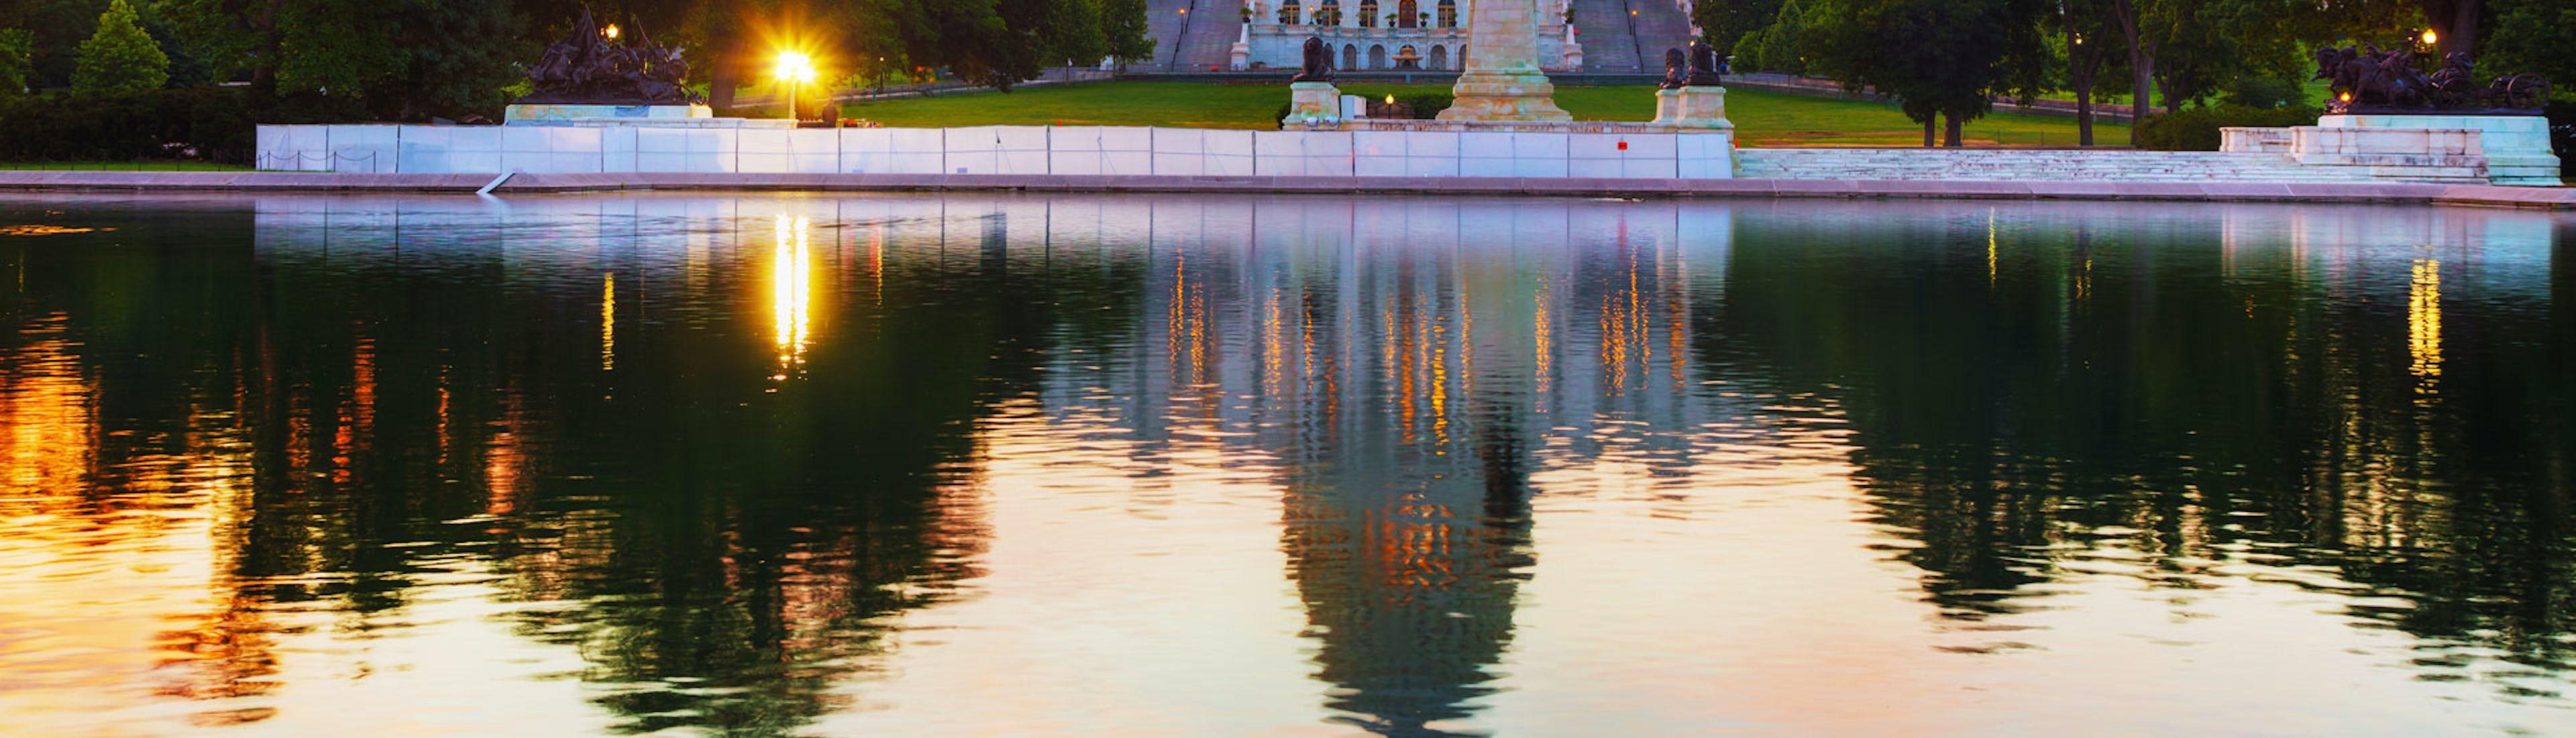 Excursión de 1 día a Washington DC desde New York